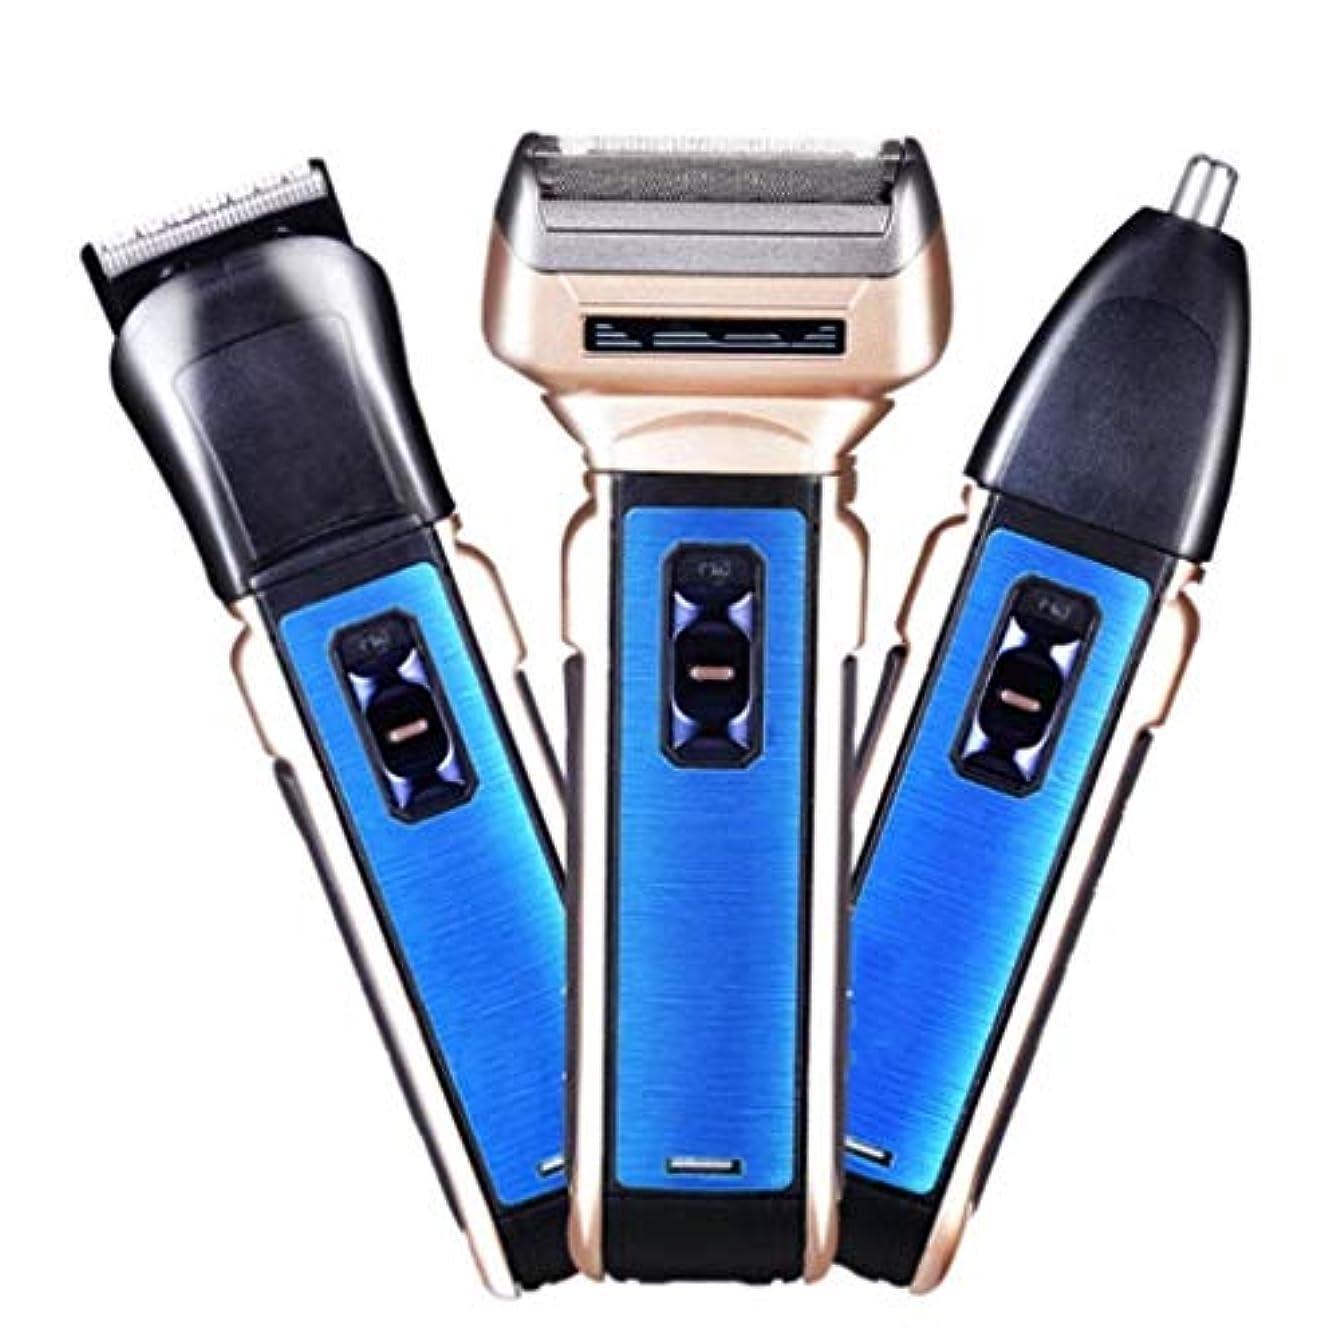 実業家正当な商品フェイシャルヘアー3-in-1鼻毛トリマーセットABS 360°往復充電取り外し可能なヘッドと洗えるデザイン電気かみそり